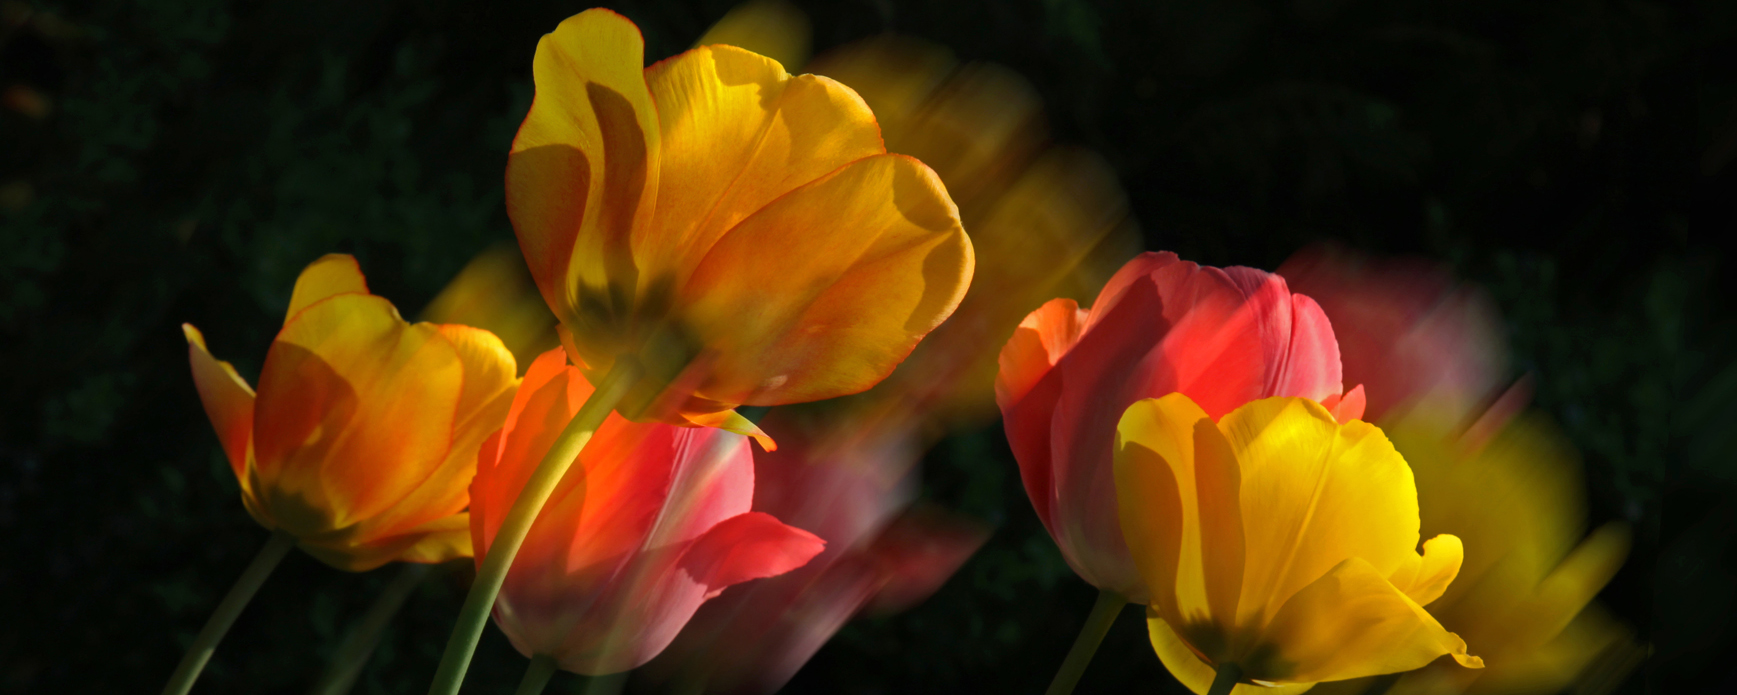 Permalink auf:Hedda Franke-Hölscher